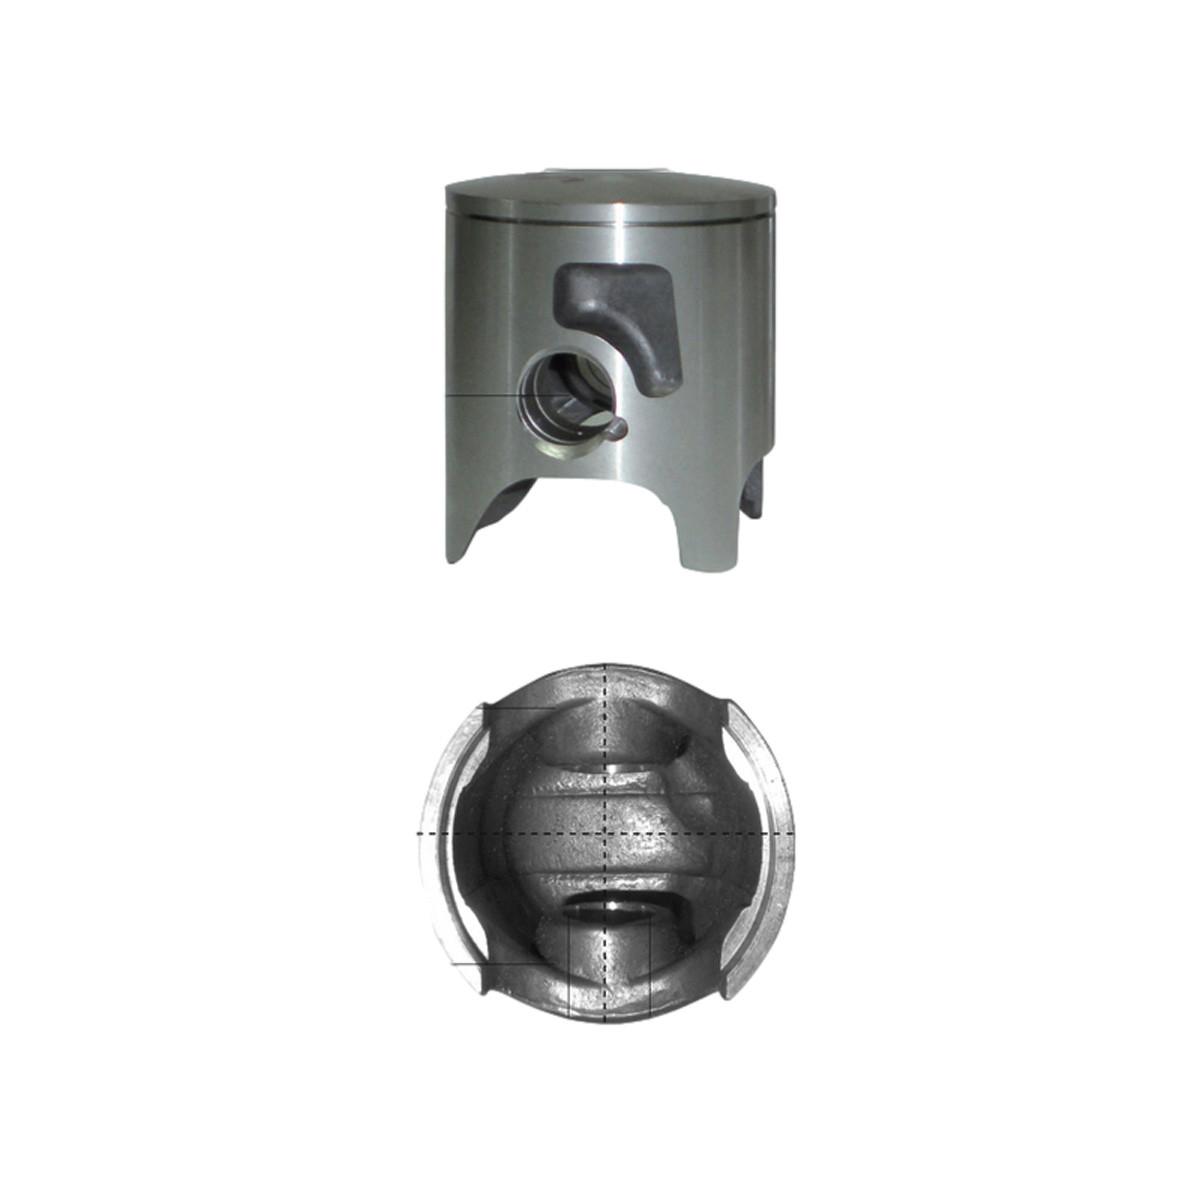 Piston PEUGEOT Ludix Kisbee 2T AC D.47.6mm - BARIKIT